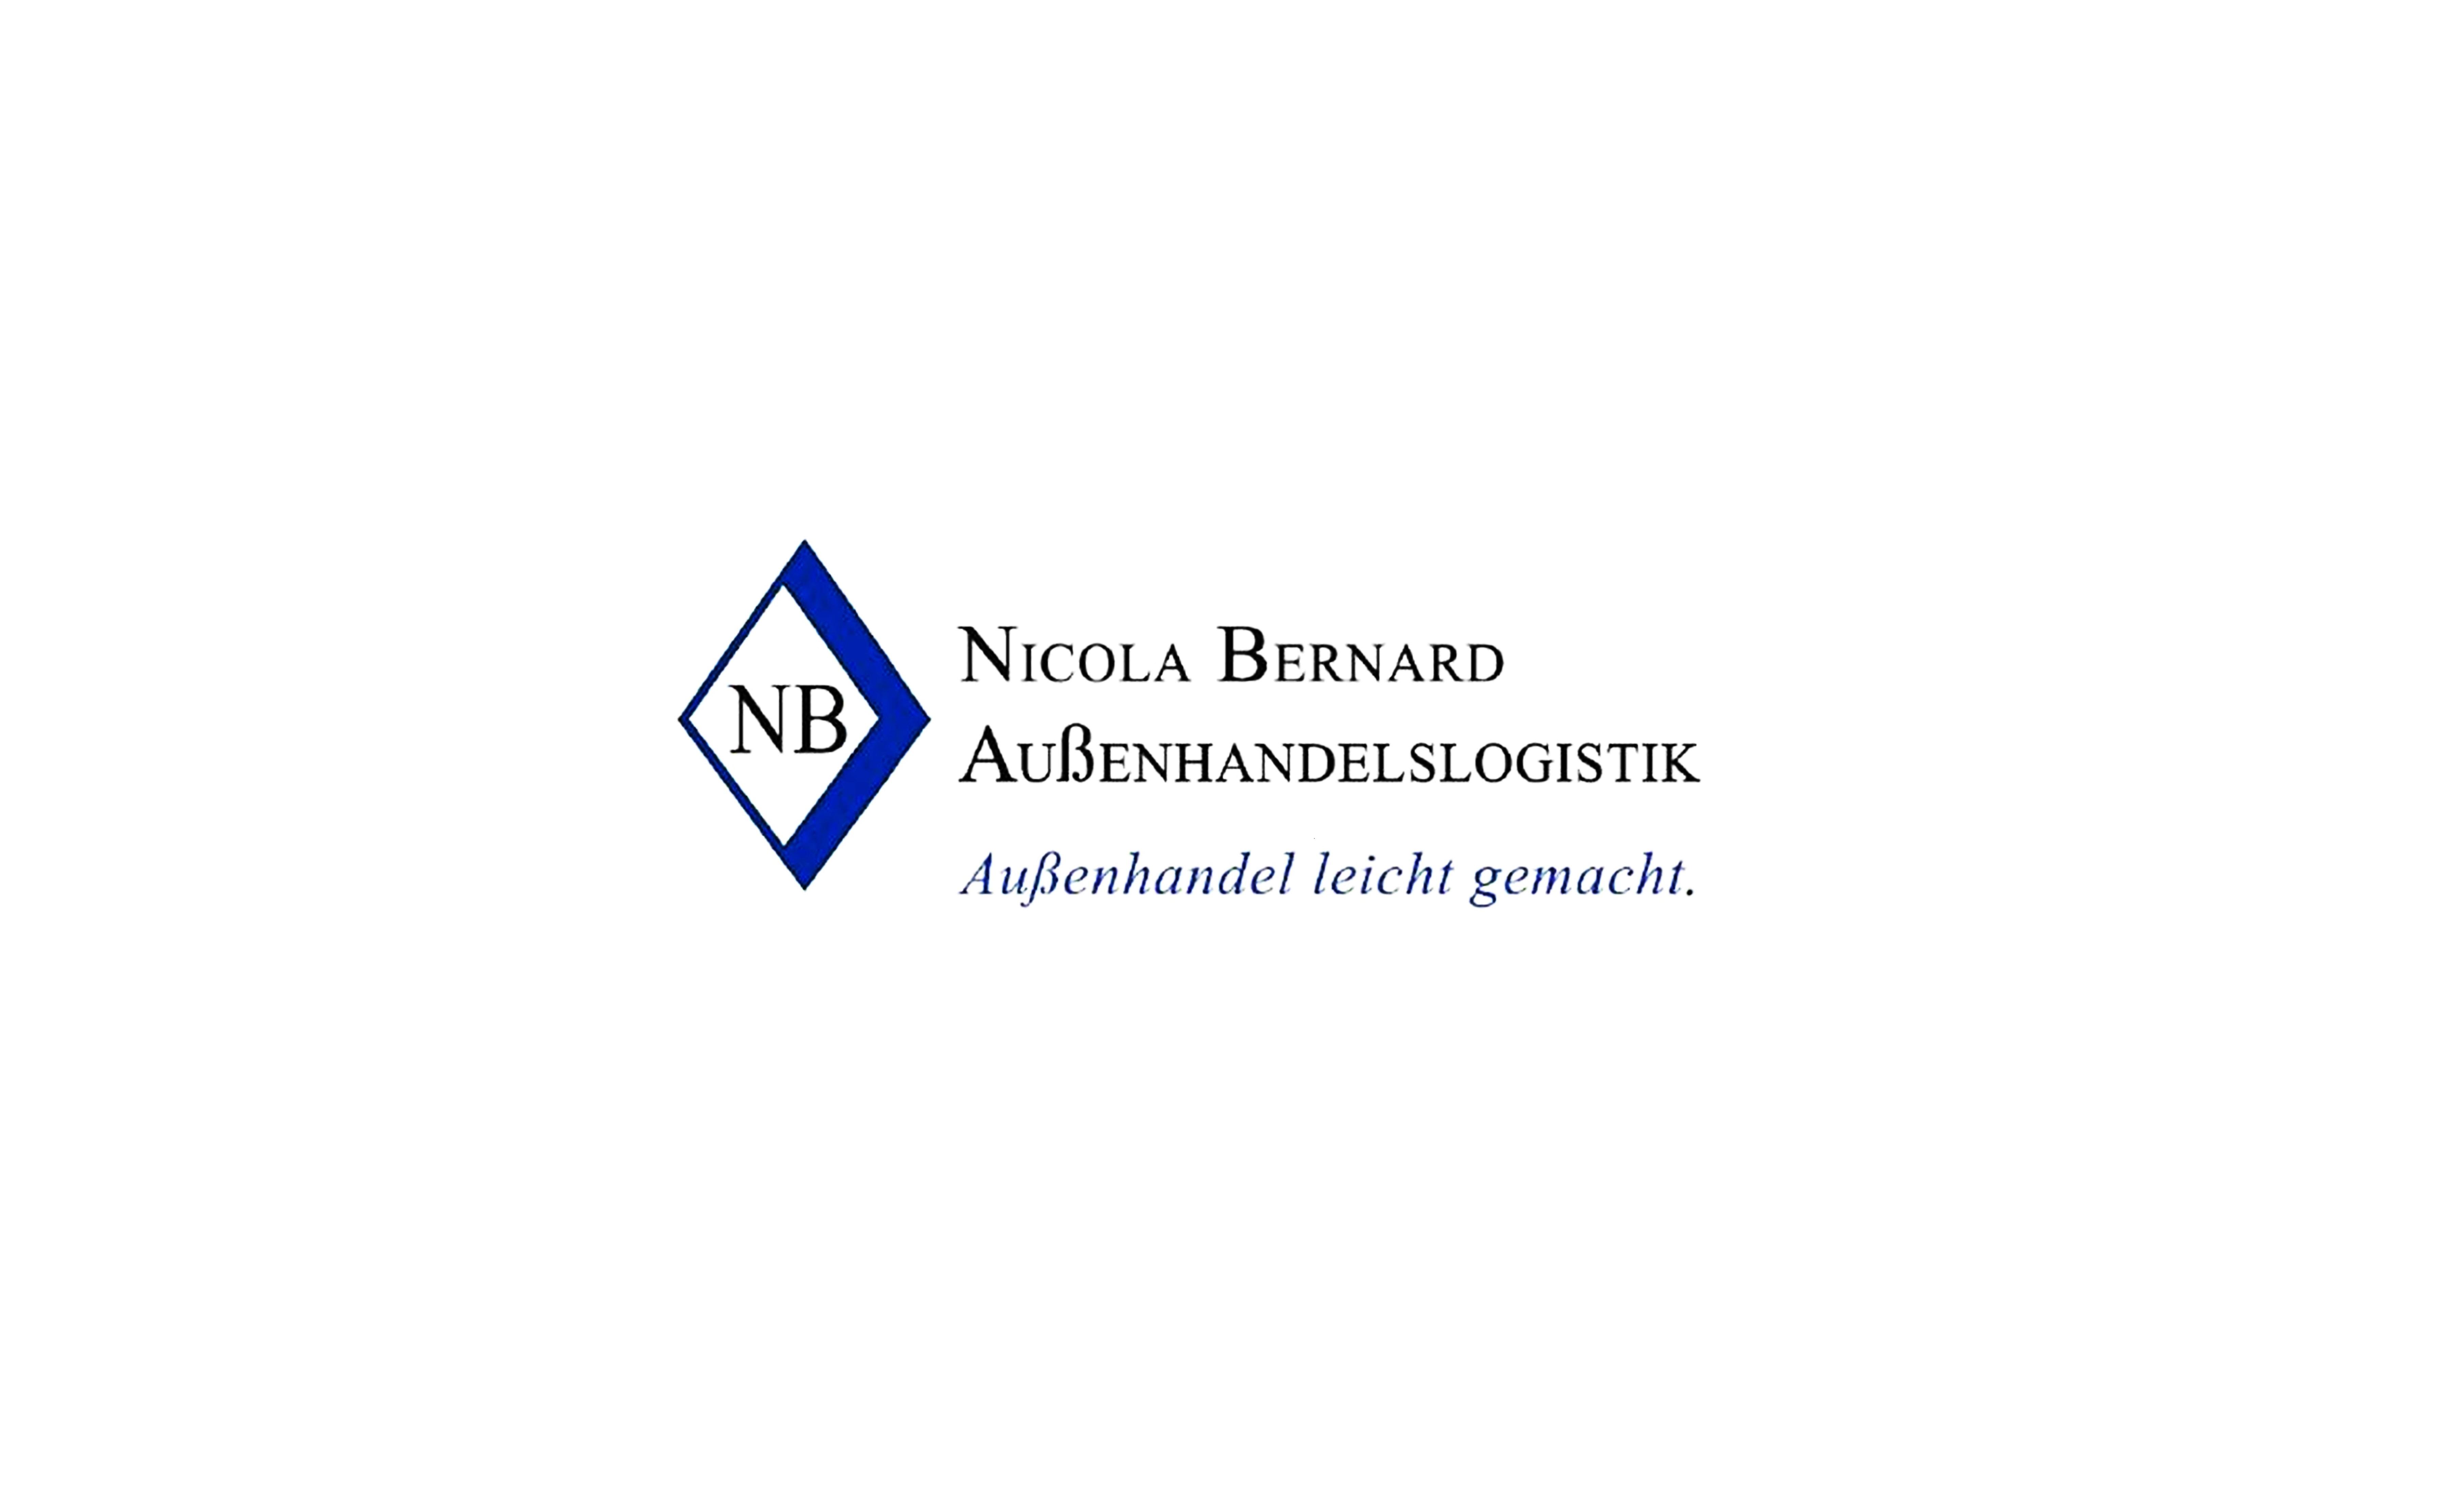 Bernard Nicola - Servicebüro für Außenhandelslogistik